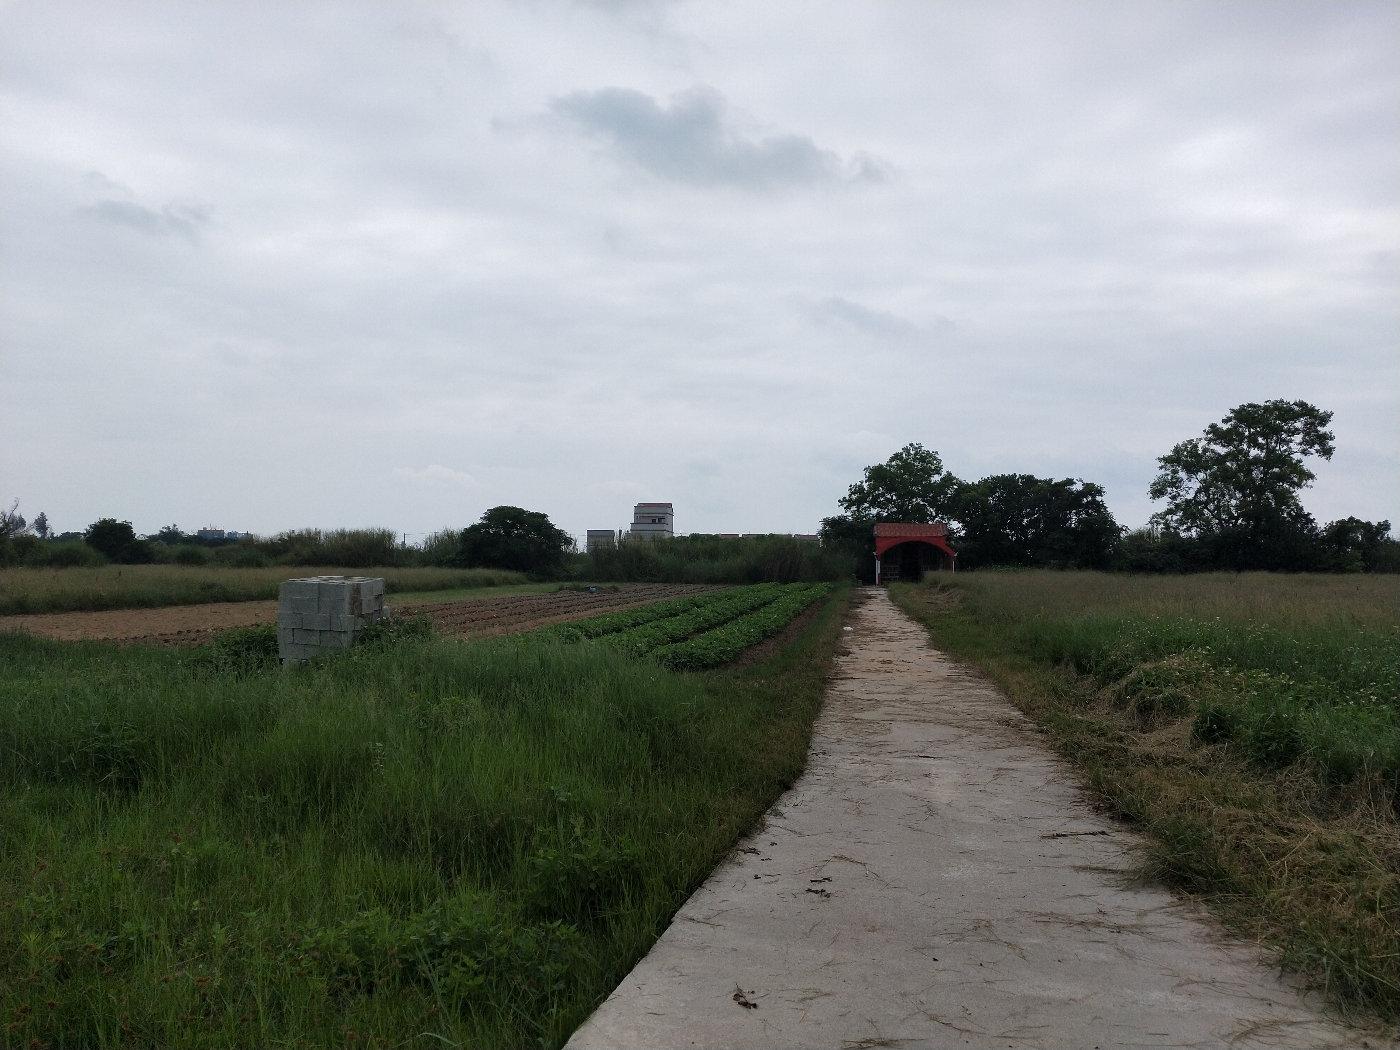 田野中的小路